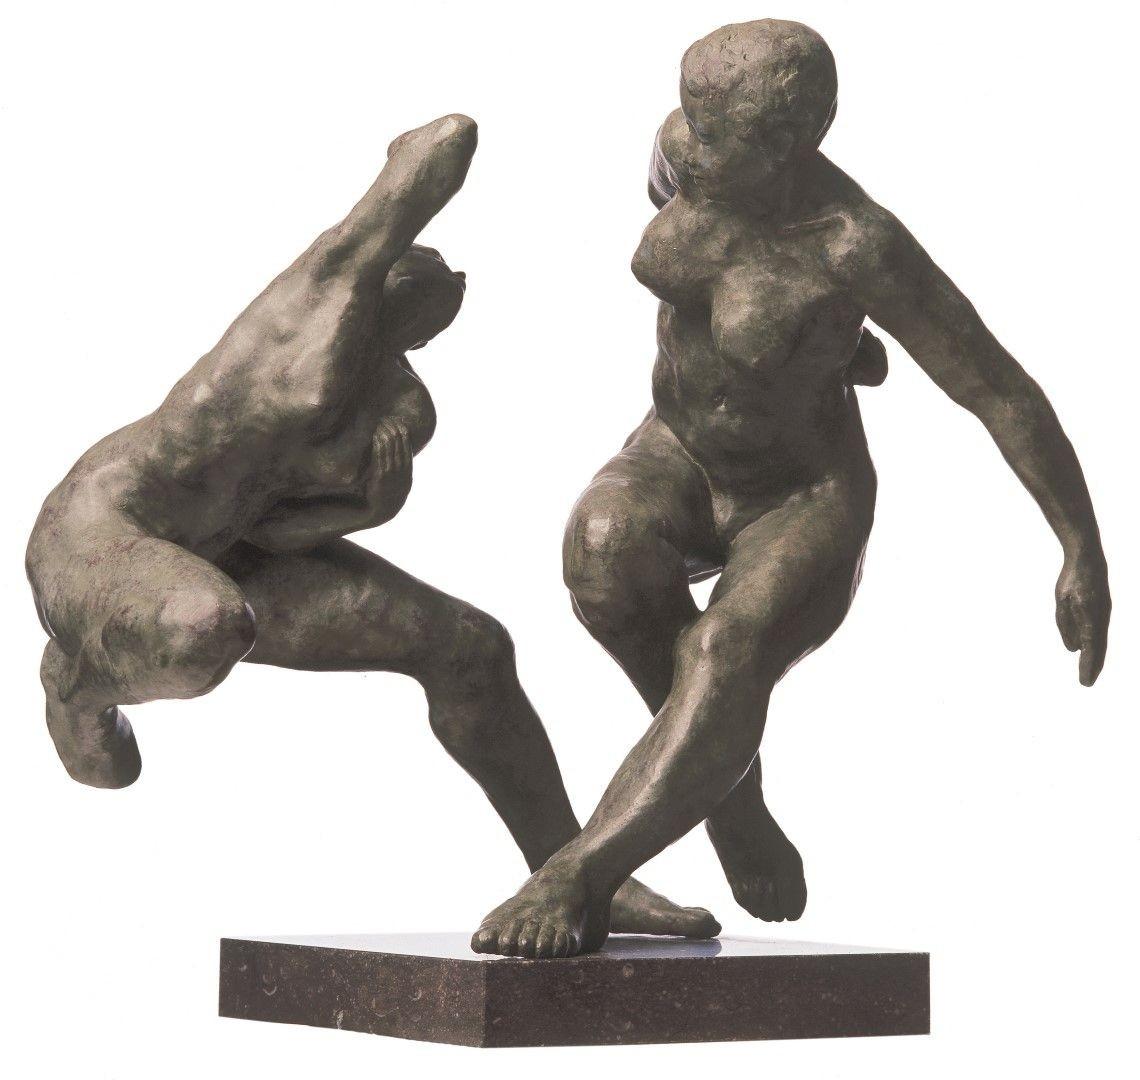 Joris Verdonkschot - Two Figures